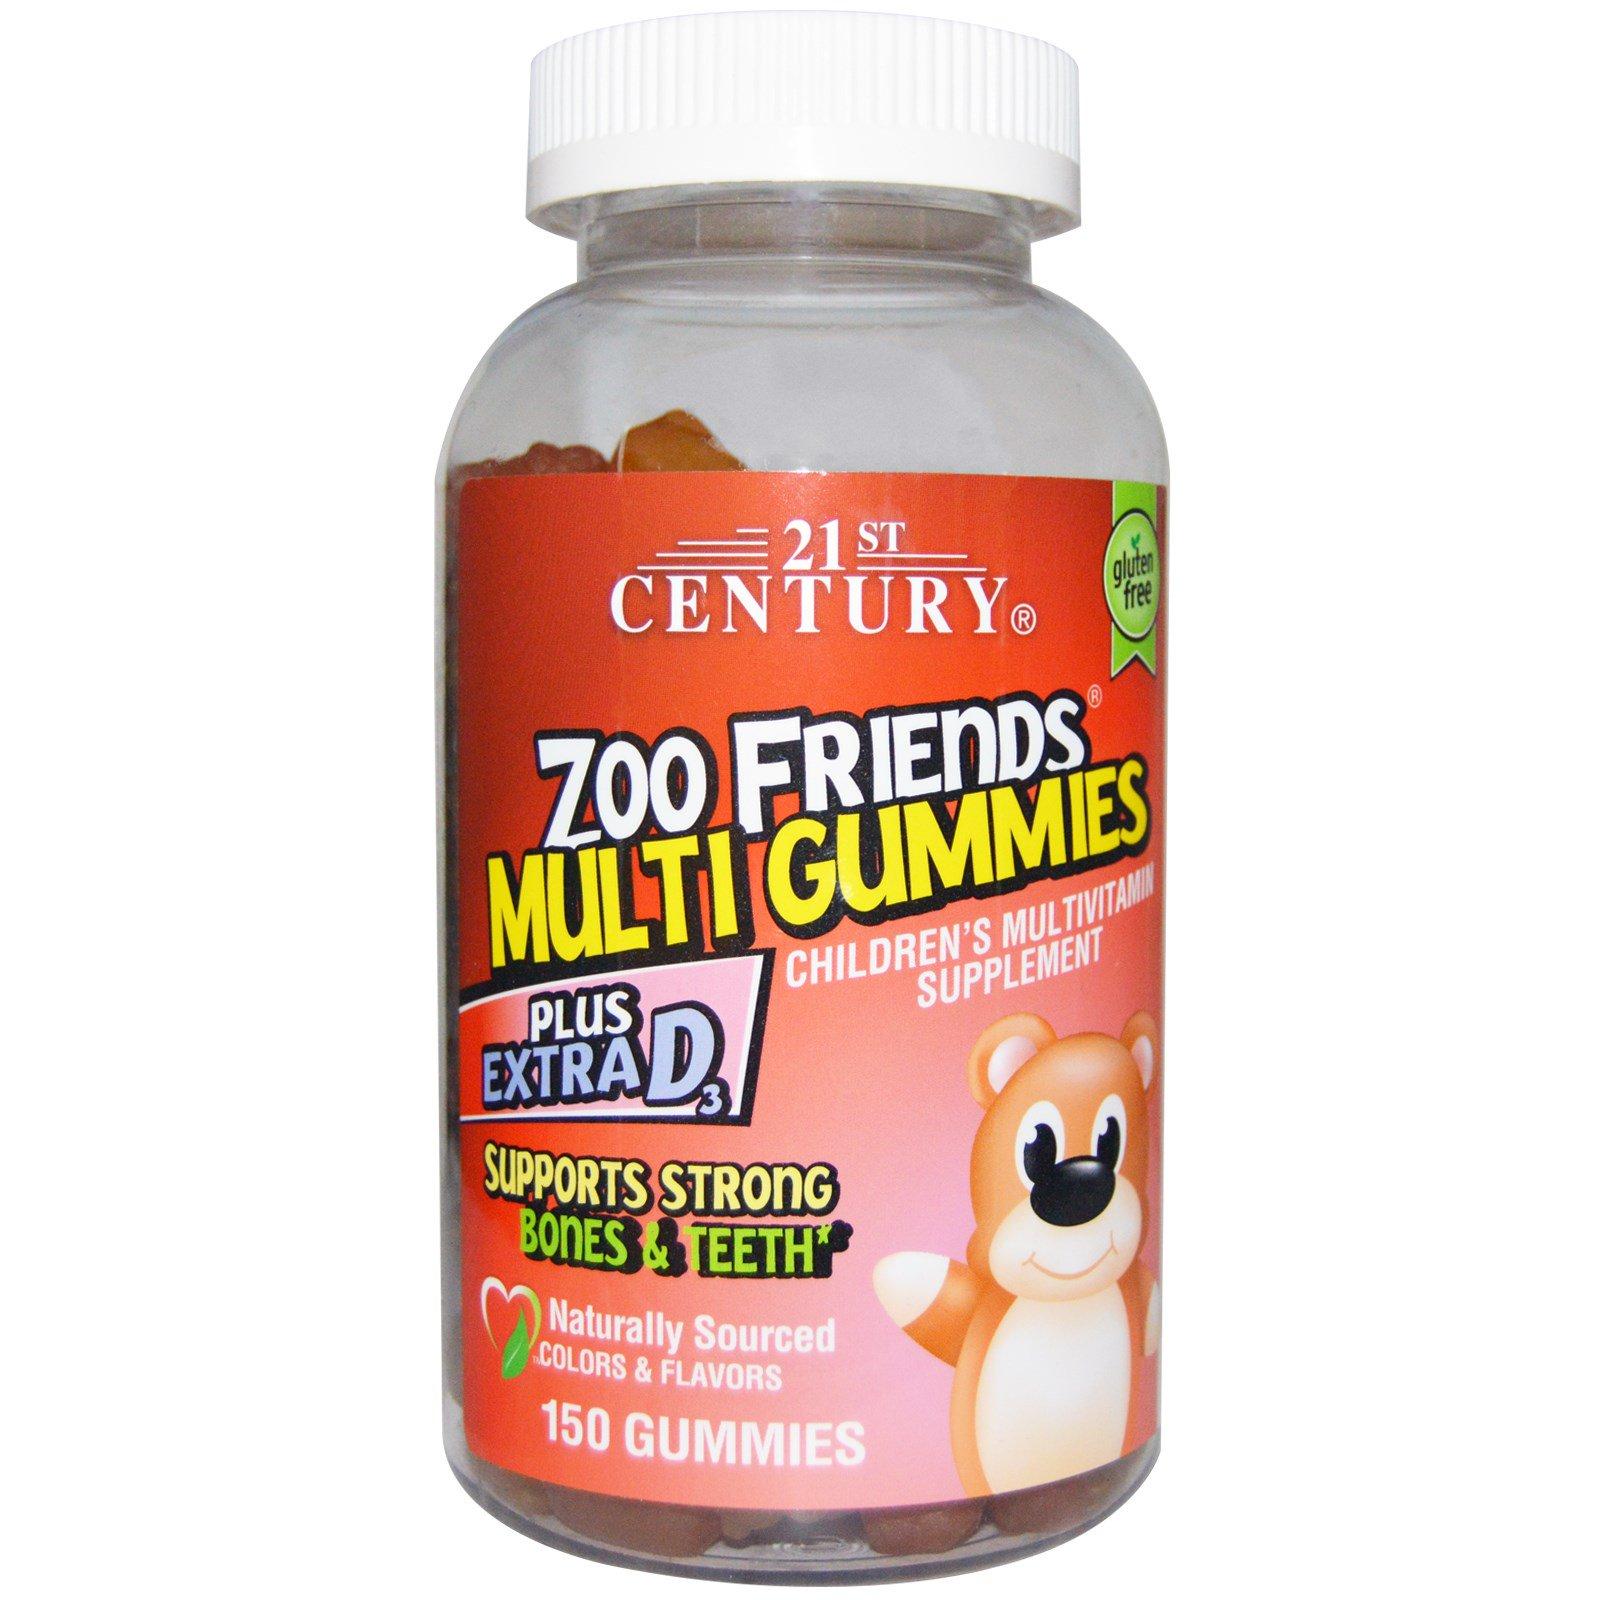 21st Century, Жевательные мультивитамины Друзья из Зоопарка, Мультивитаминная пищевая добавка для детей, 150 жевательных таблеток